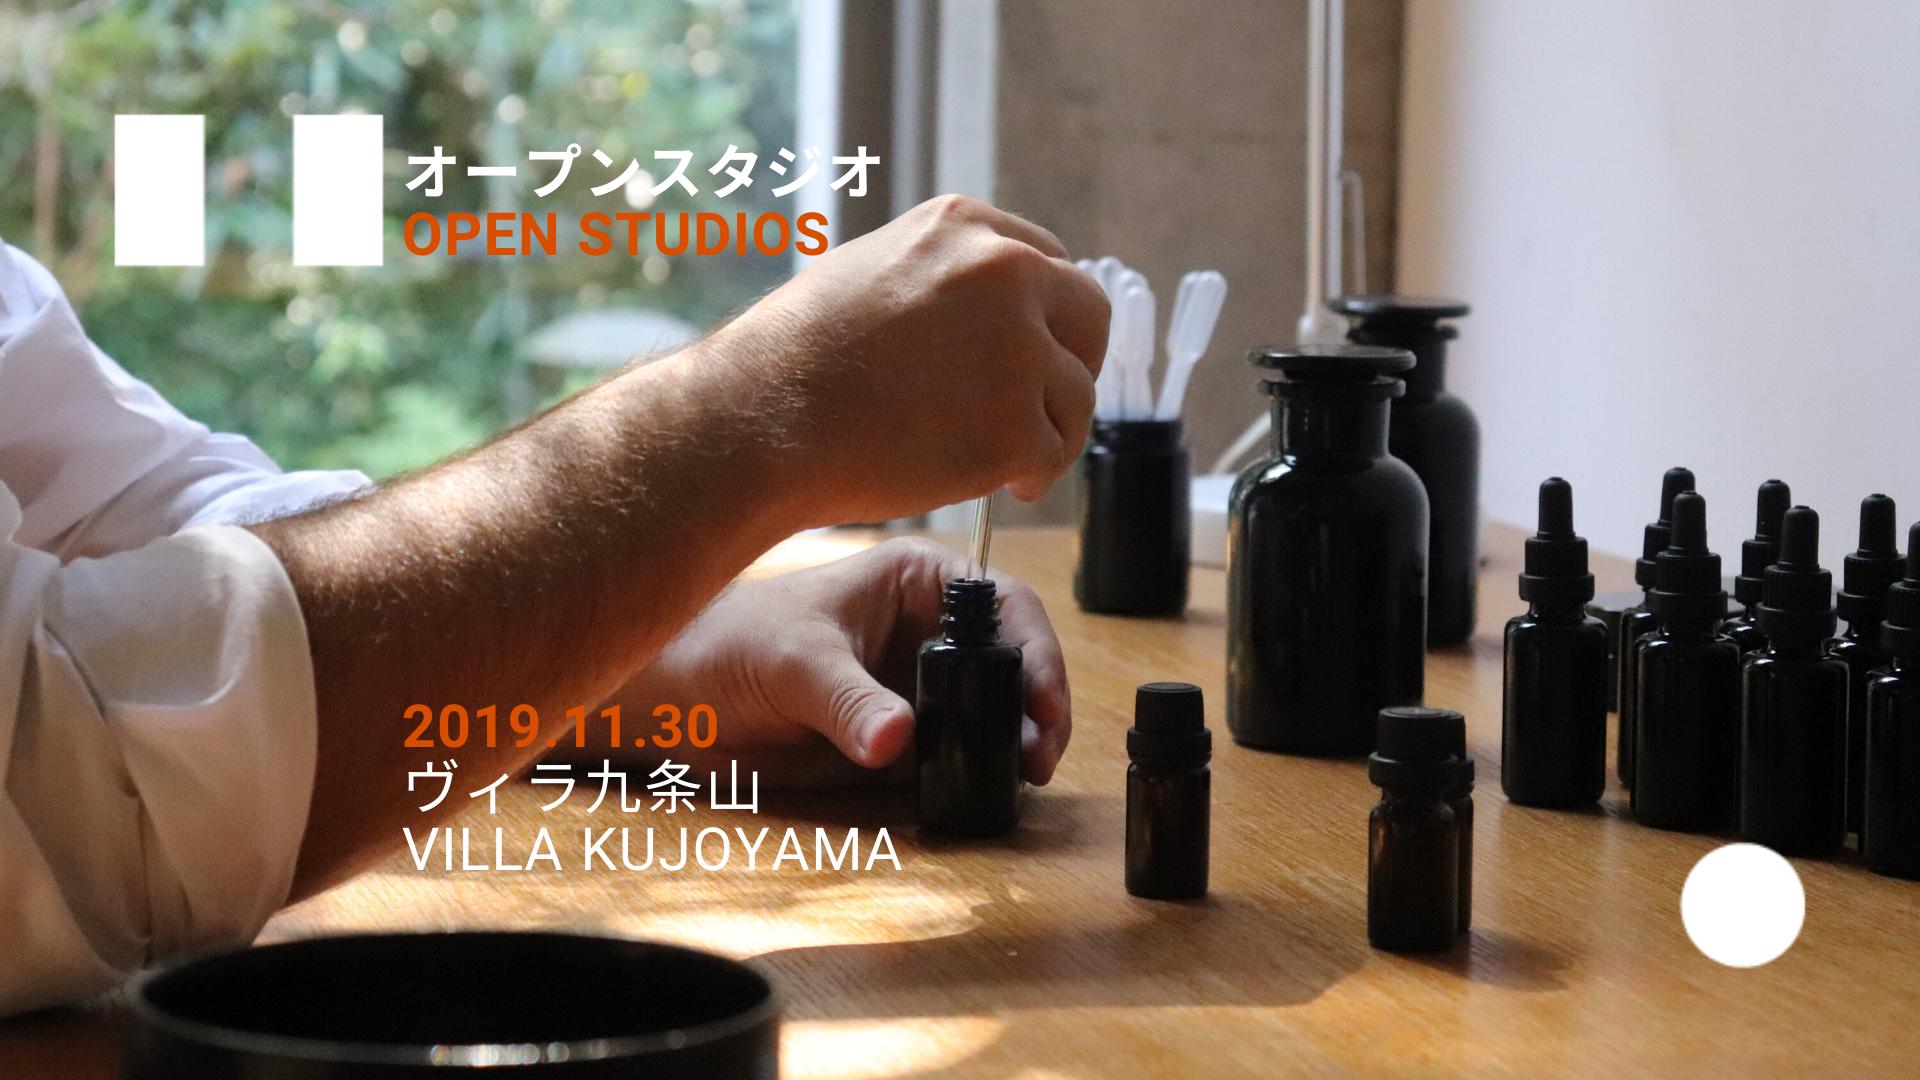 オープンスタジオ OPEN STUDIOS 2019.11.30 ヴィラ九条山 VILLA KUJOYAMA